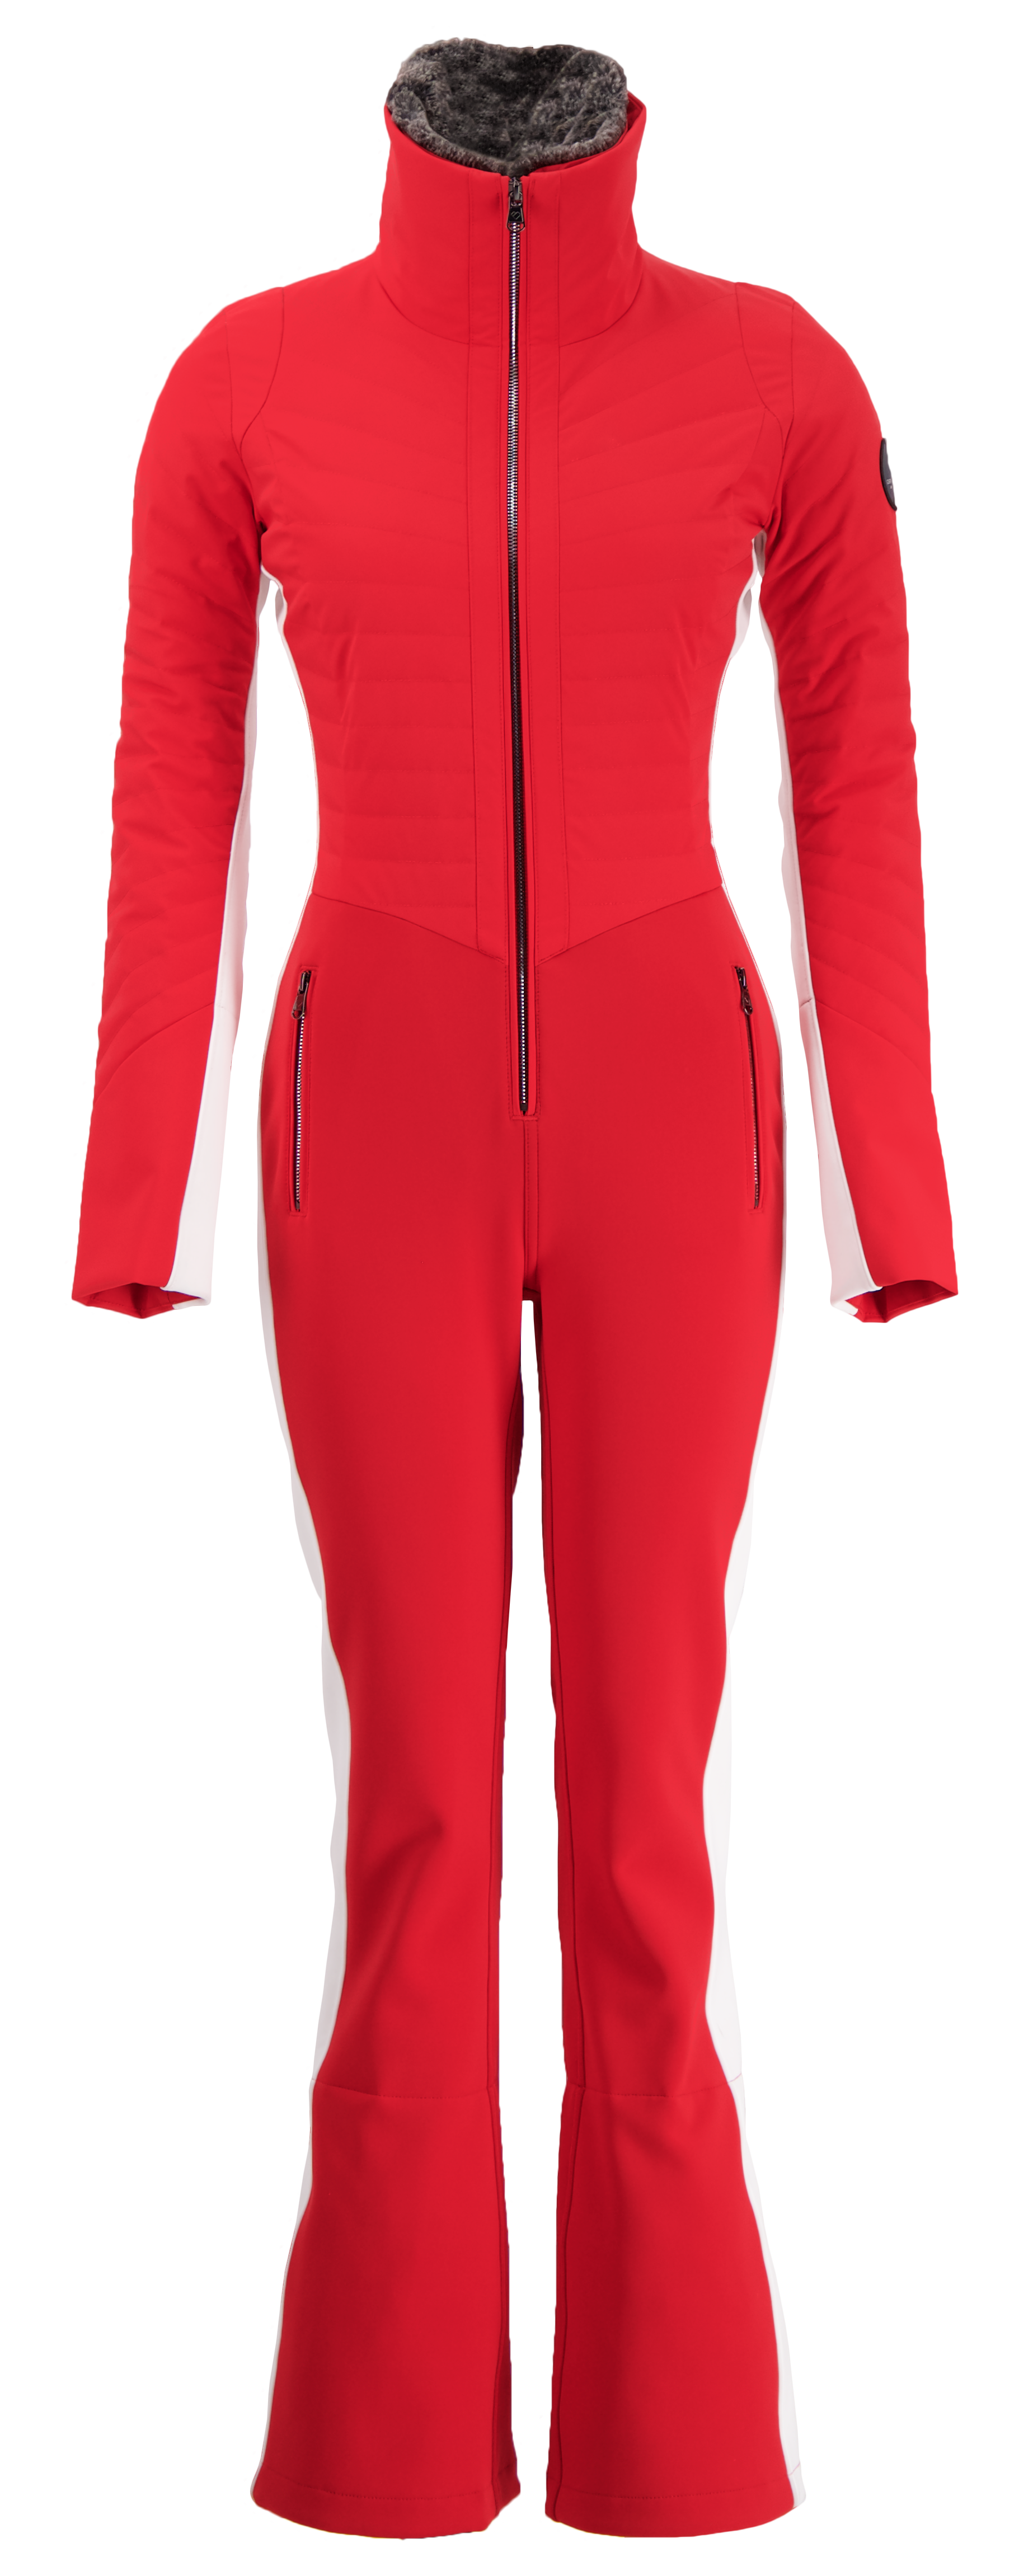 K2 Annex 118 ski